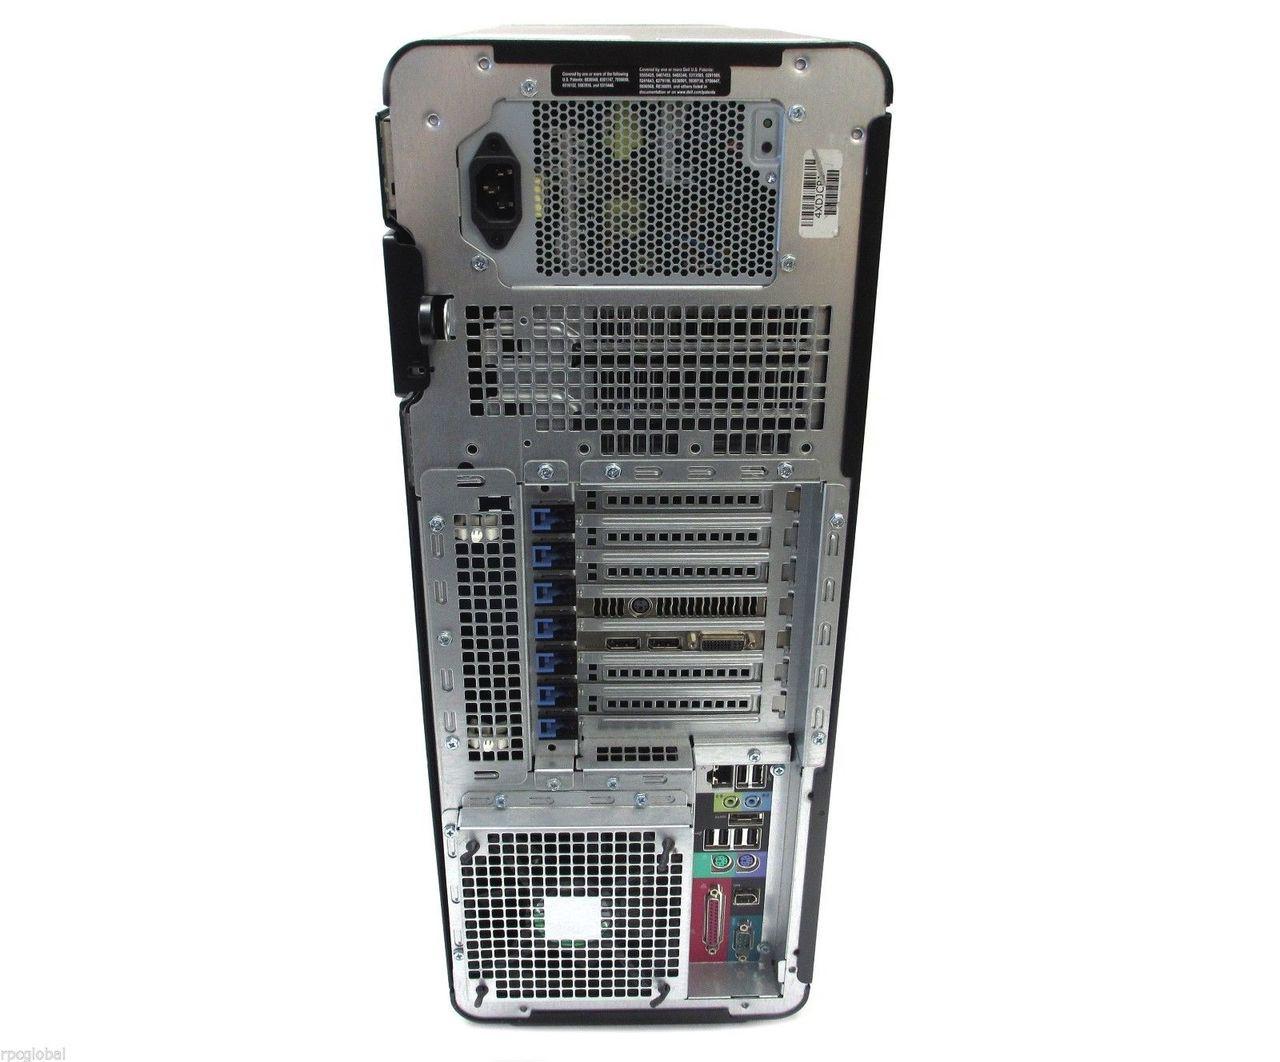 Dell Precision T7500 - Rear view